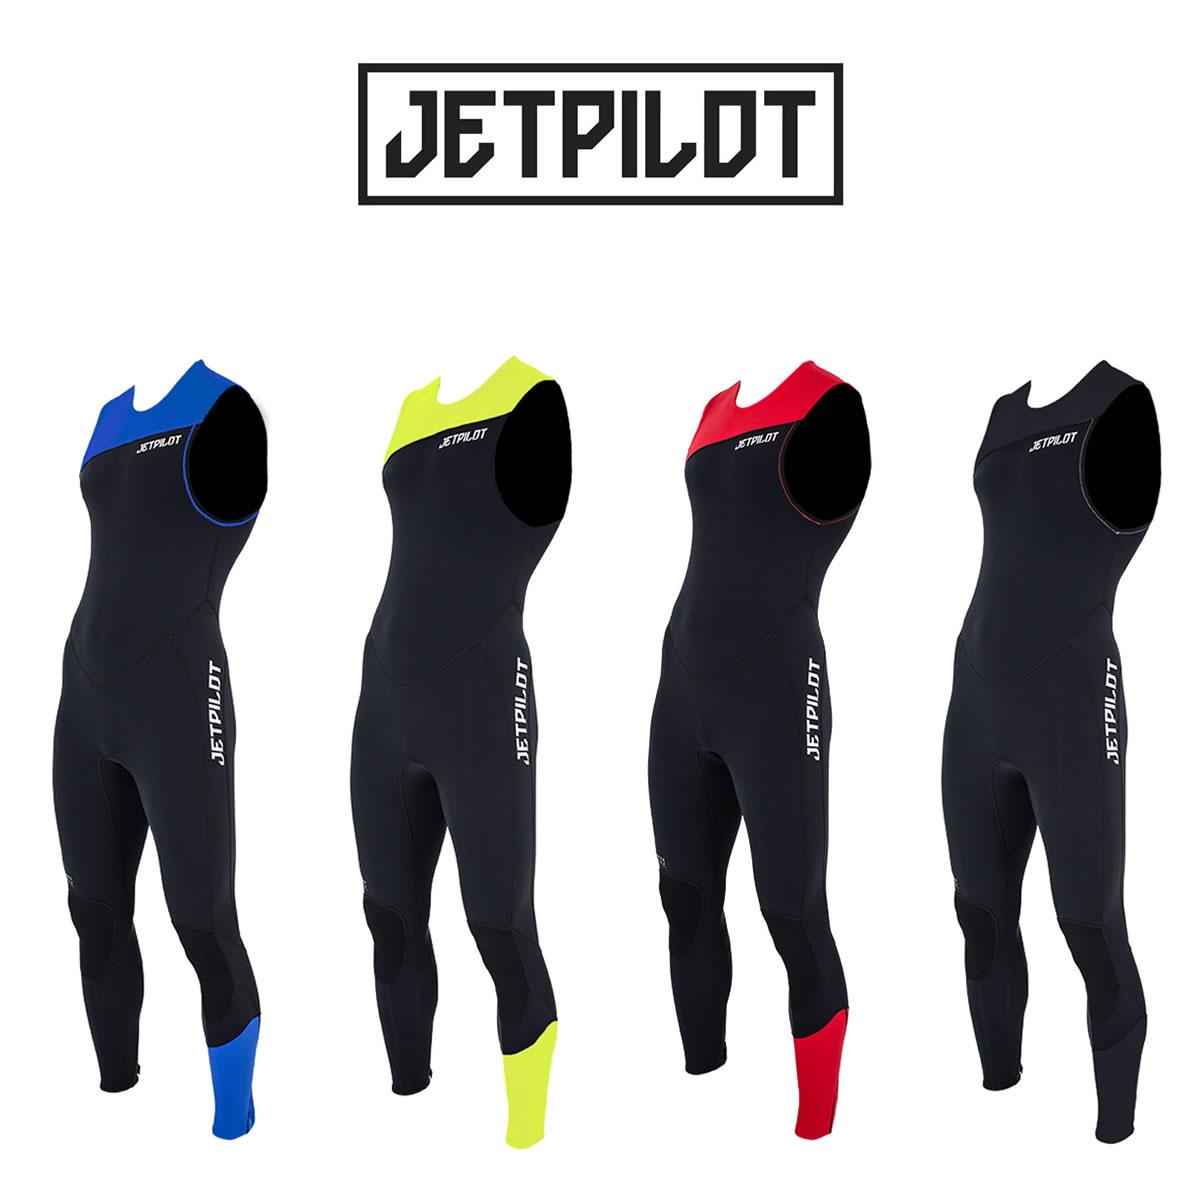 JETPILOT(ジェットパイロット)ロングション VENTUREジョン (JA21154)